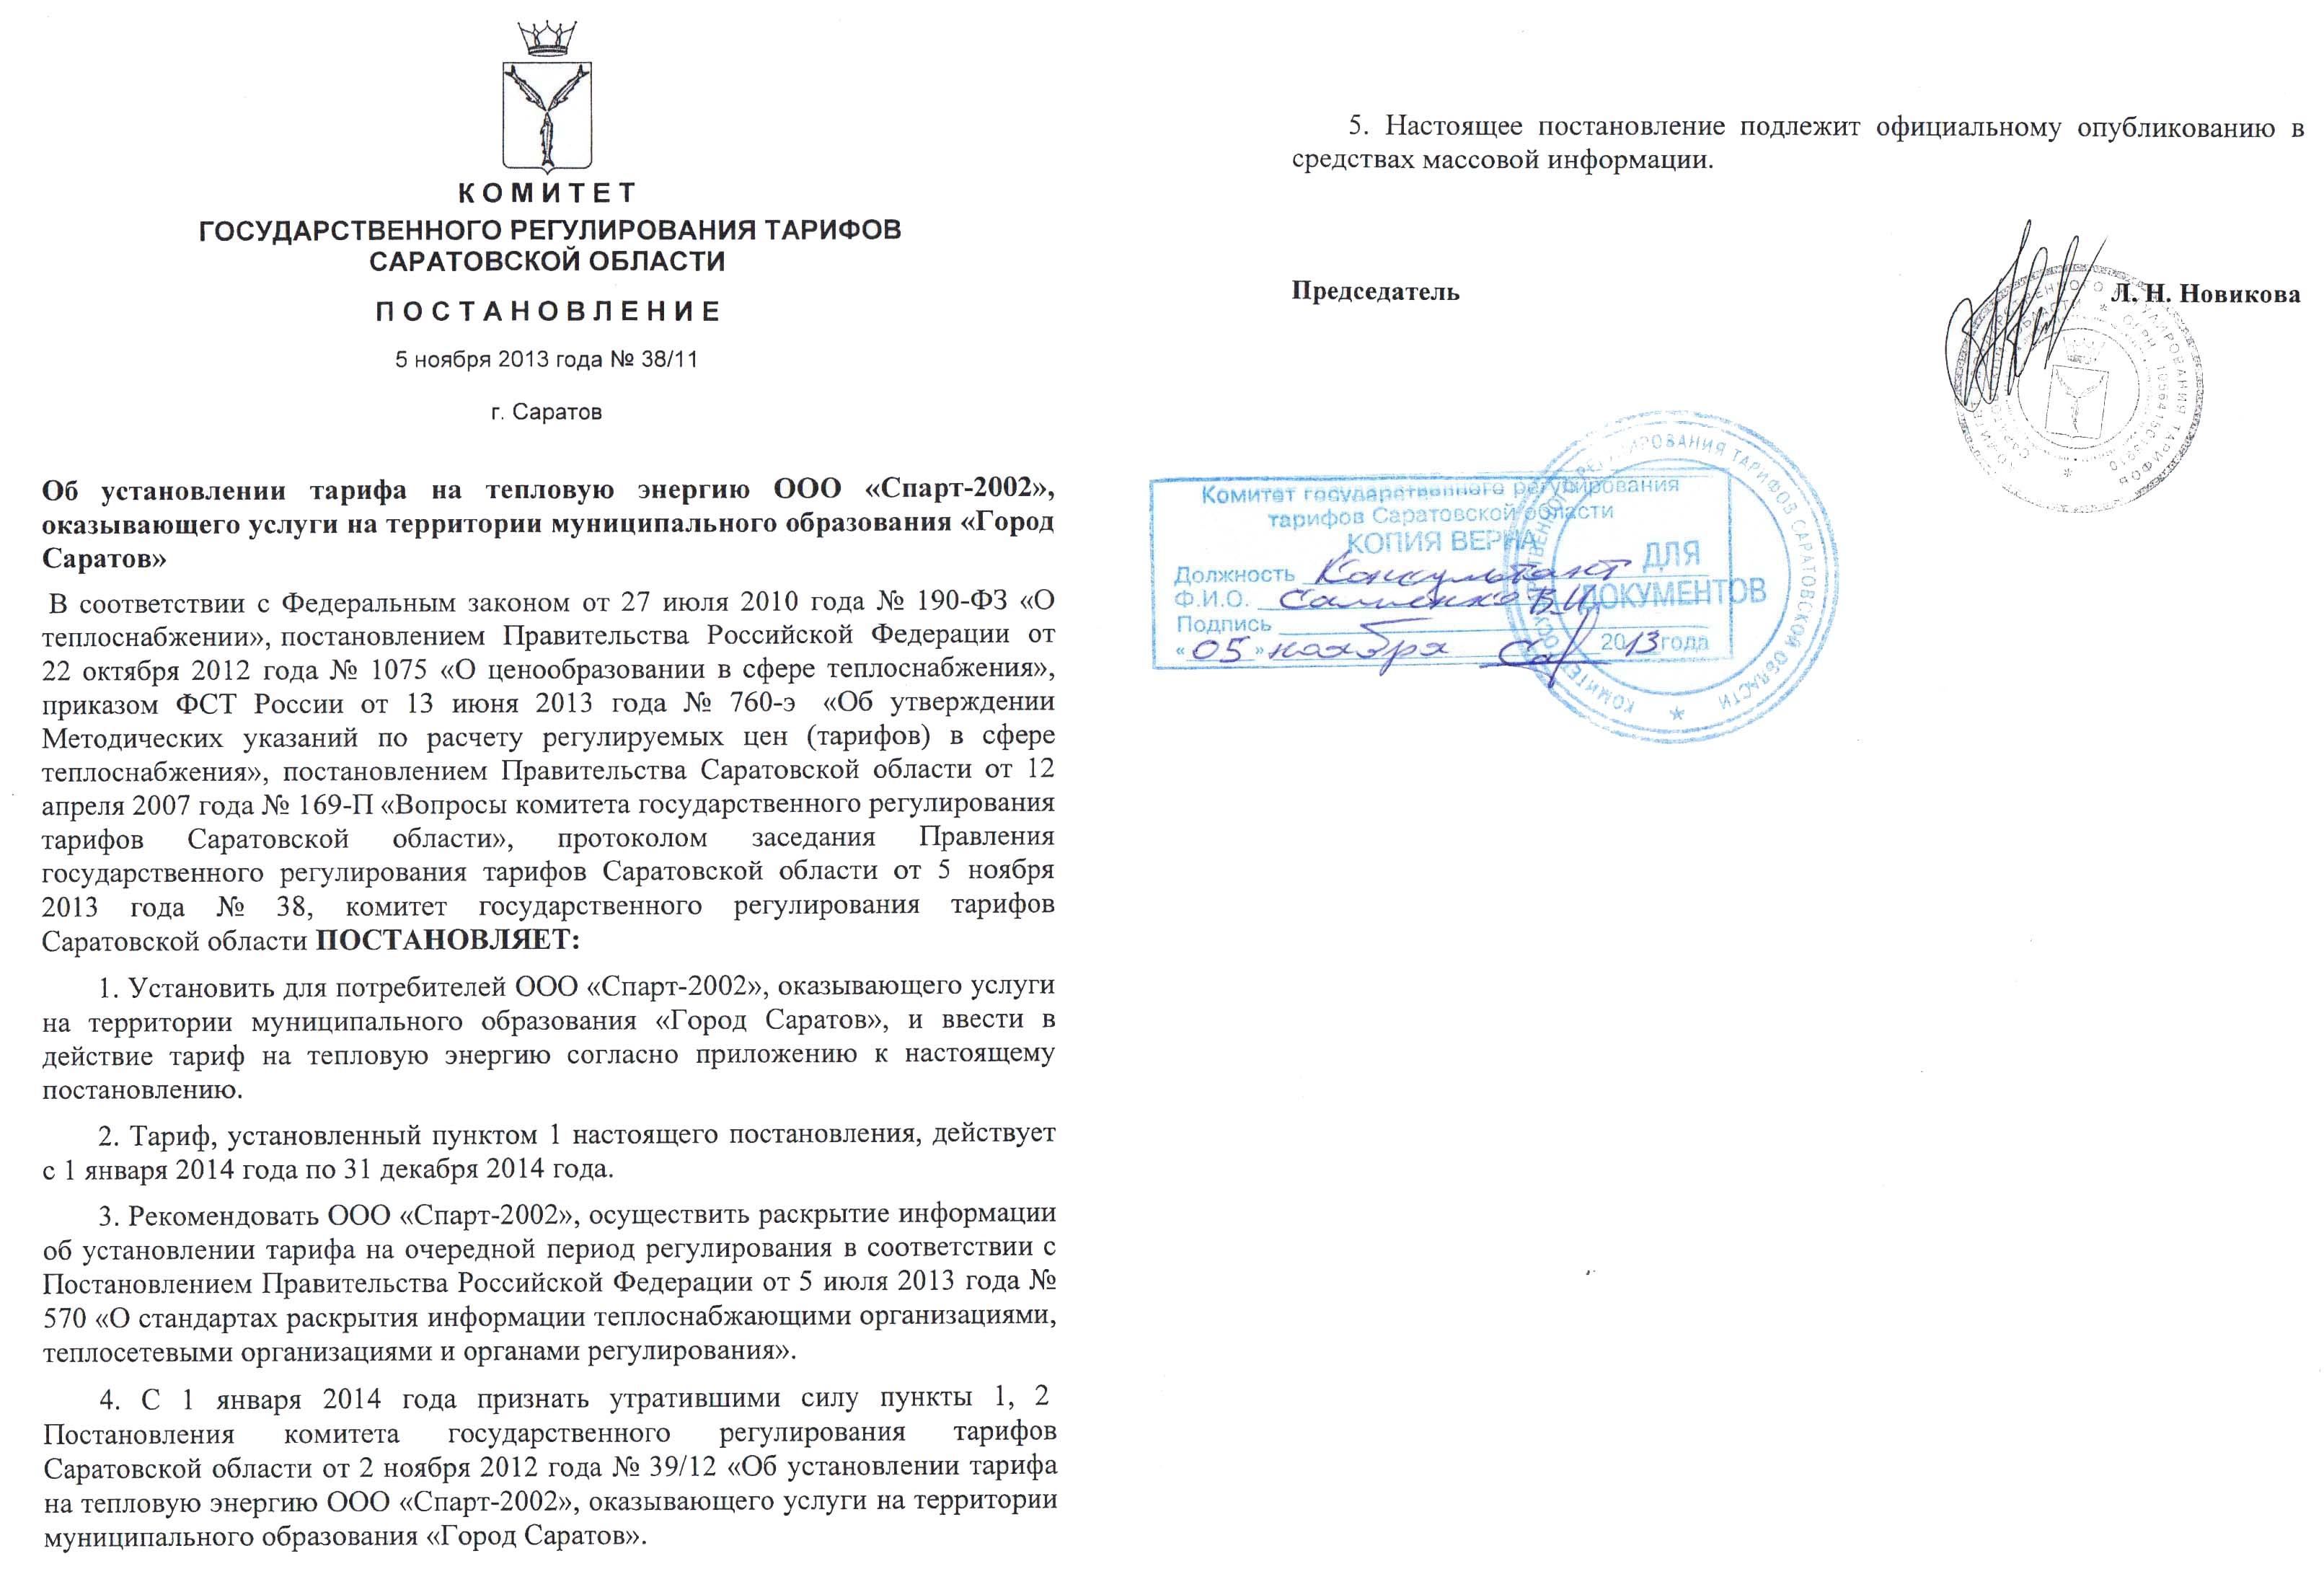 Башкортостан по тарифам от 11 января 2012 года 1 об установлении тарифов на электрическую энергию, поставляемую